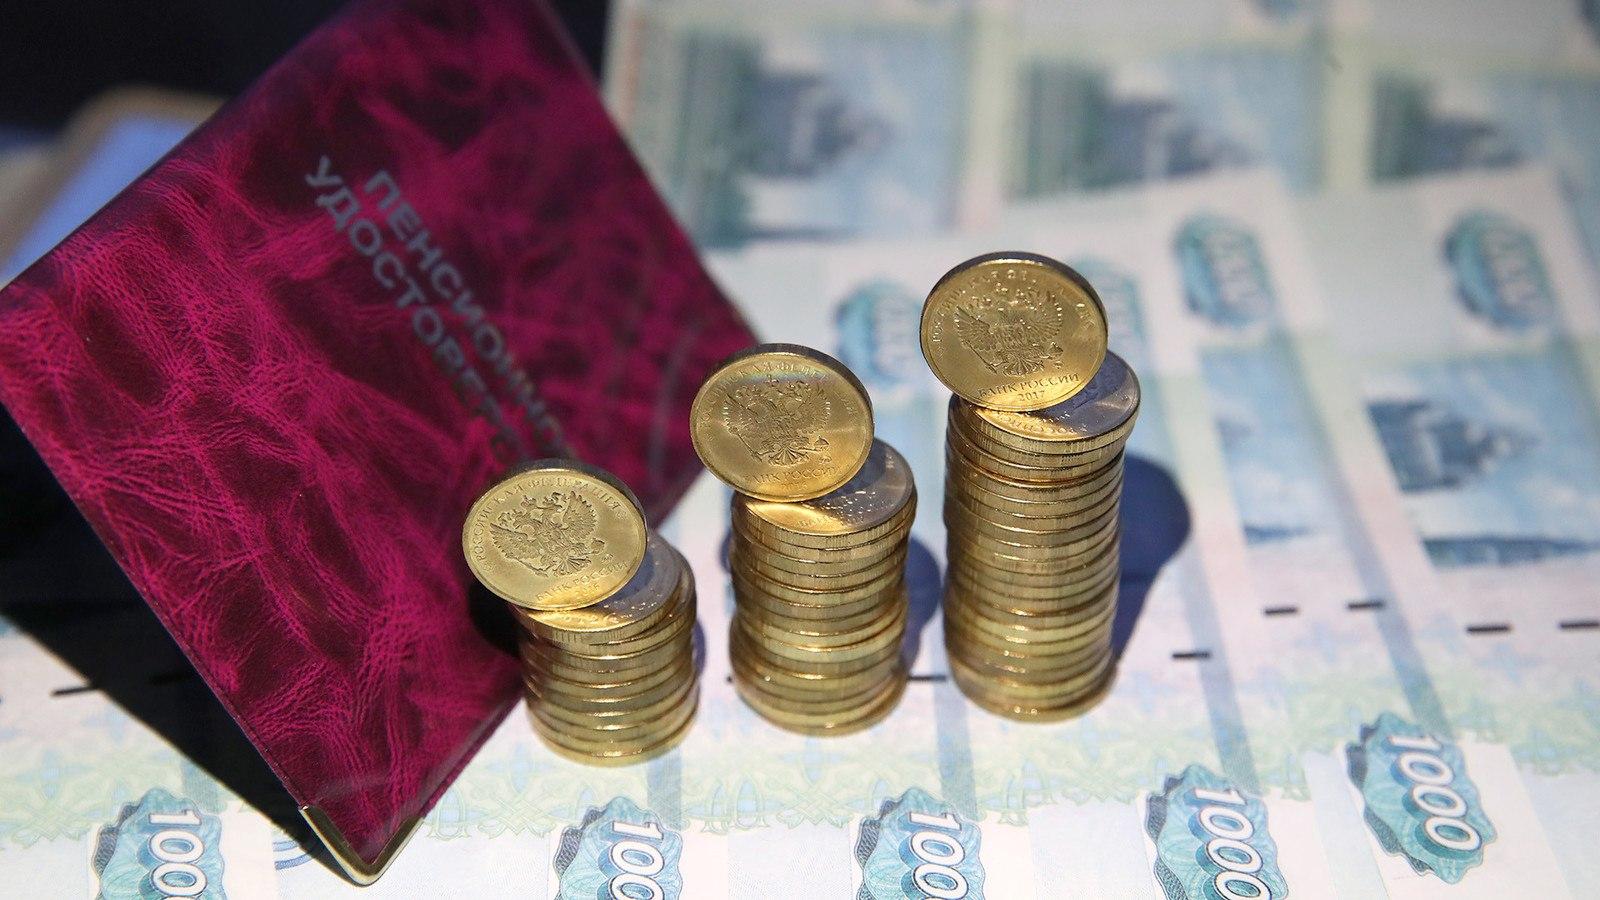 Повышение пенсии: депутат фракции «Справедливая Россия» предложил 3 пути к достойной пенсии